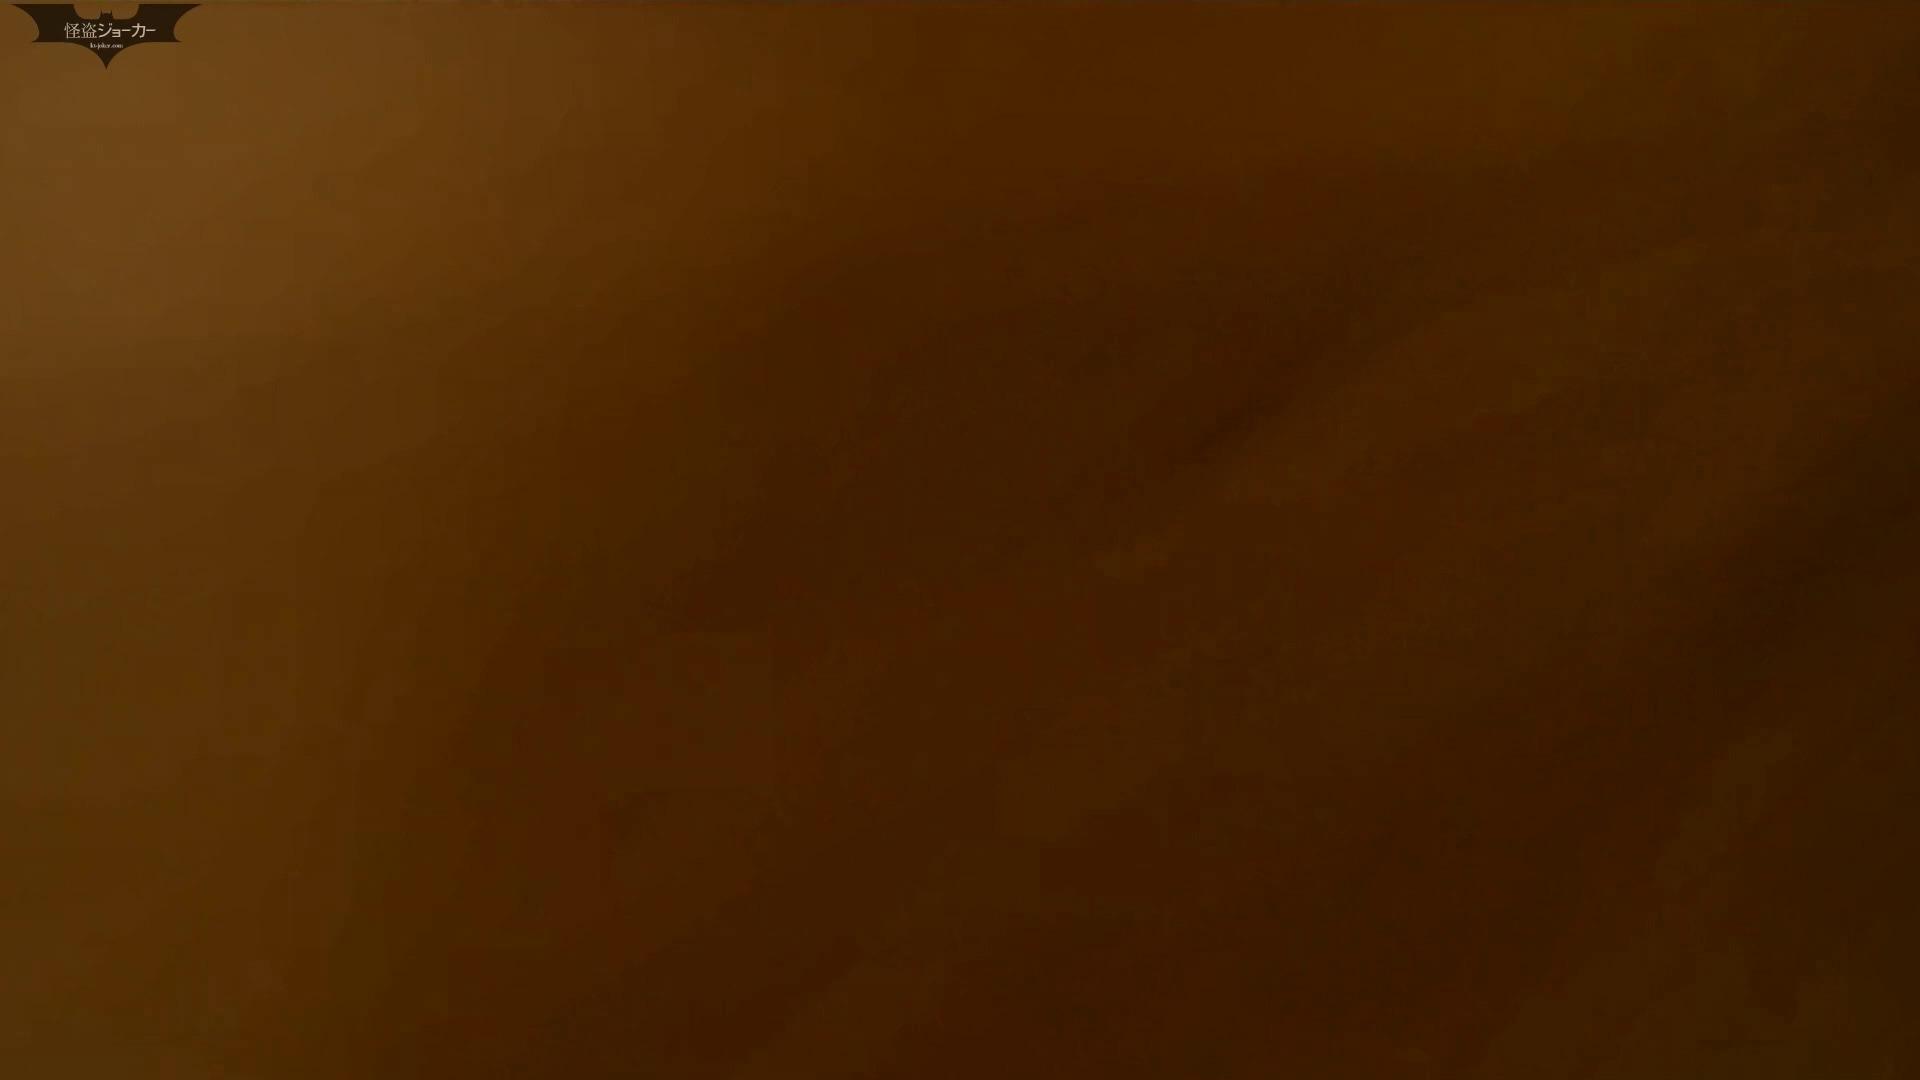 阿国ちゃんの和式洋式七変化 Vol.25 ん?突起物が・・・。 丸見えマンコ | 和式  96画像 6